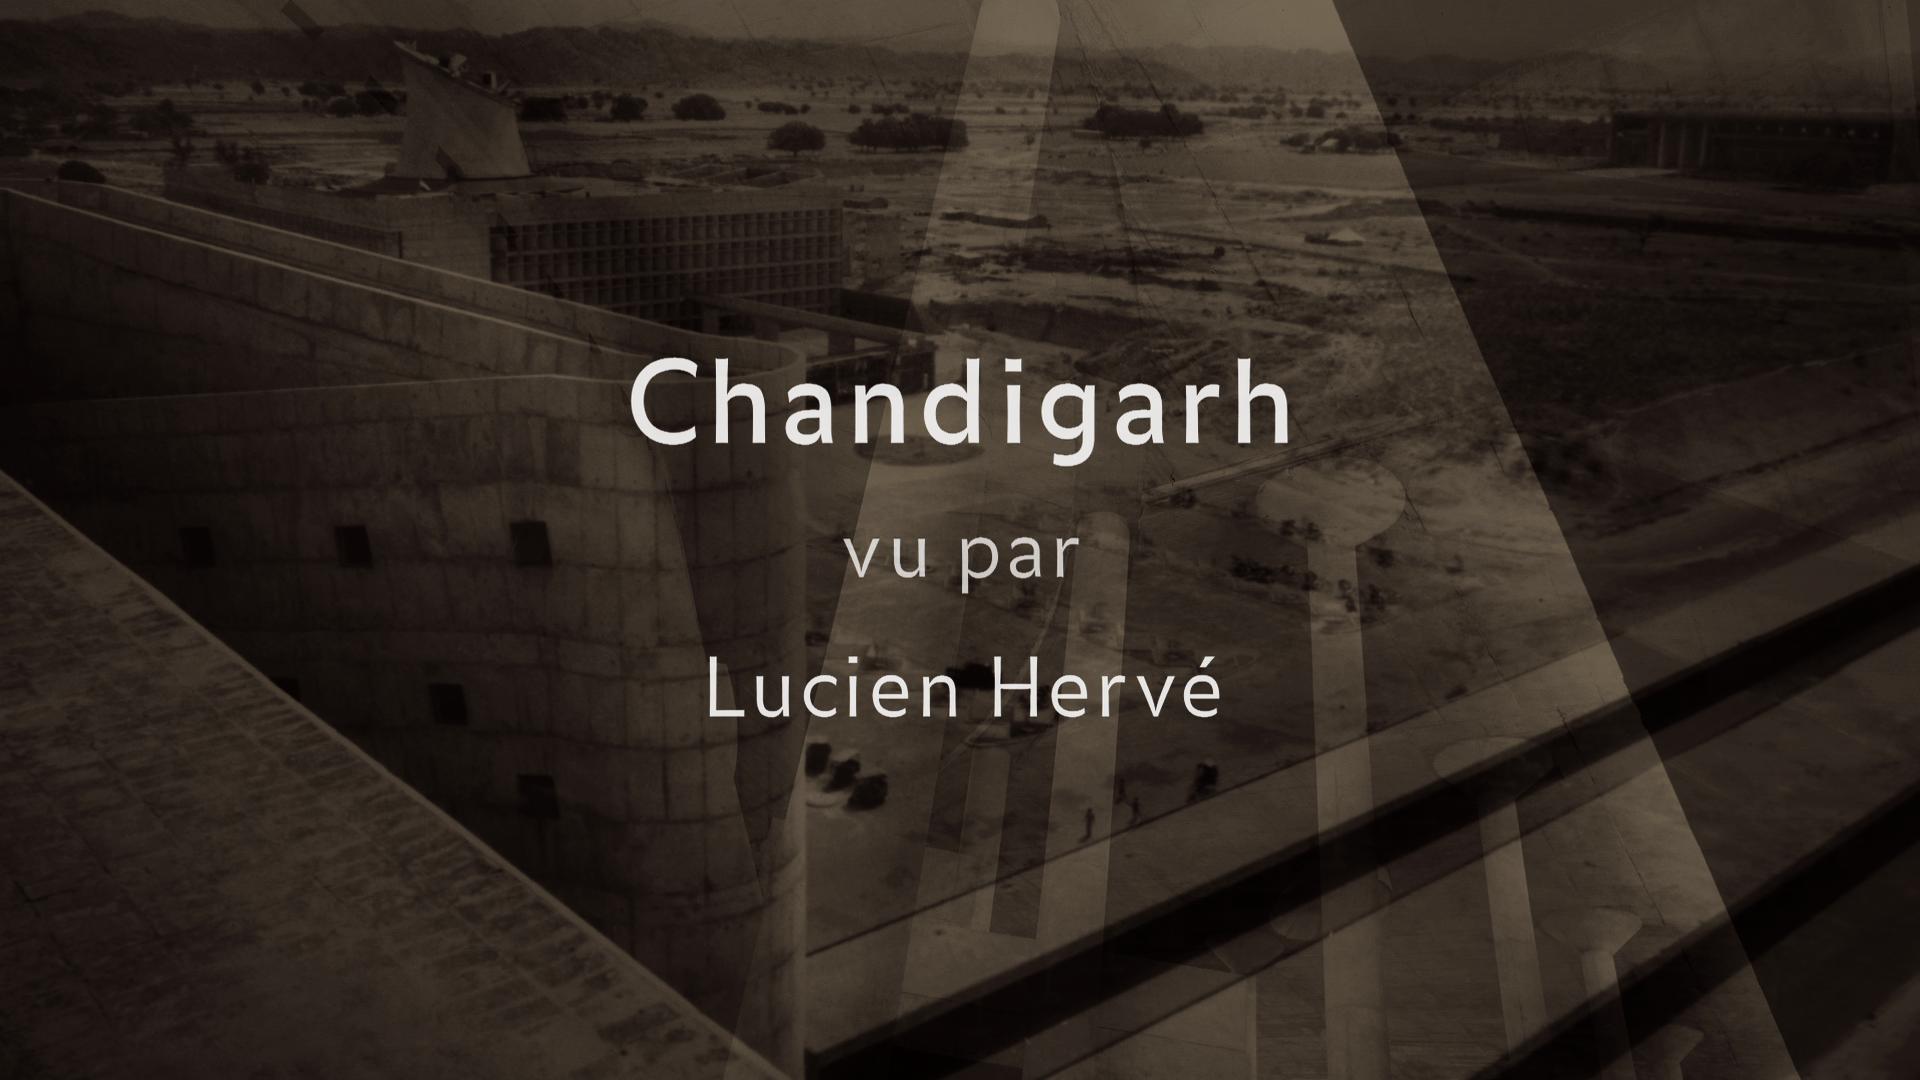 Chandigarh vu par Lucien Herve